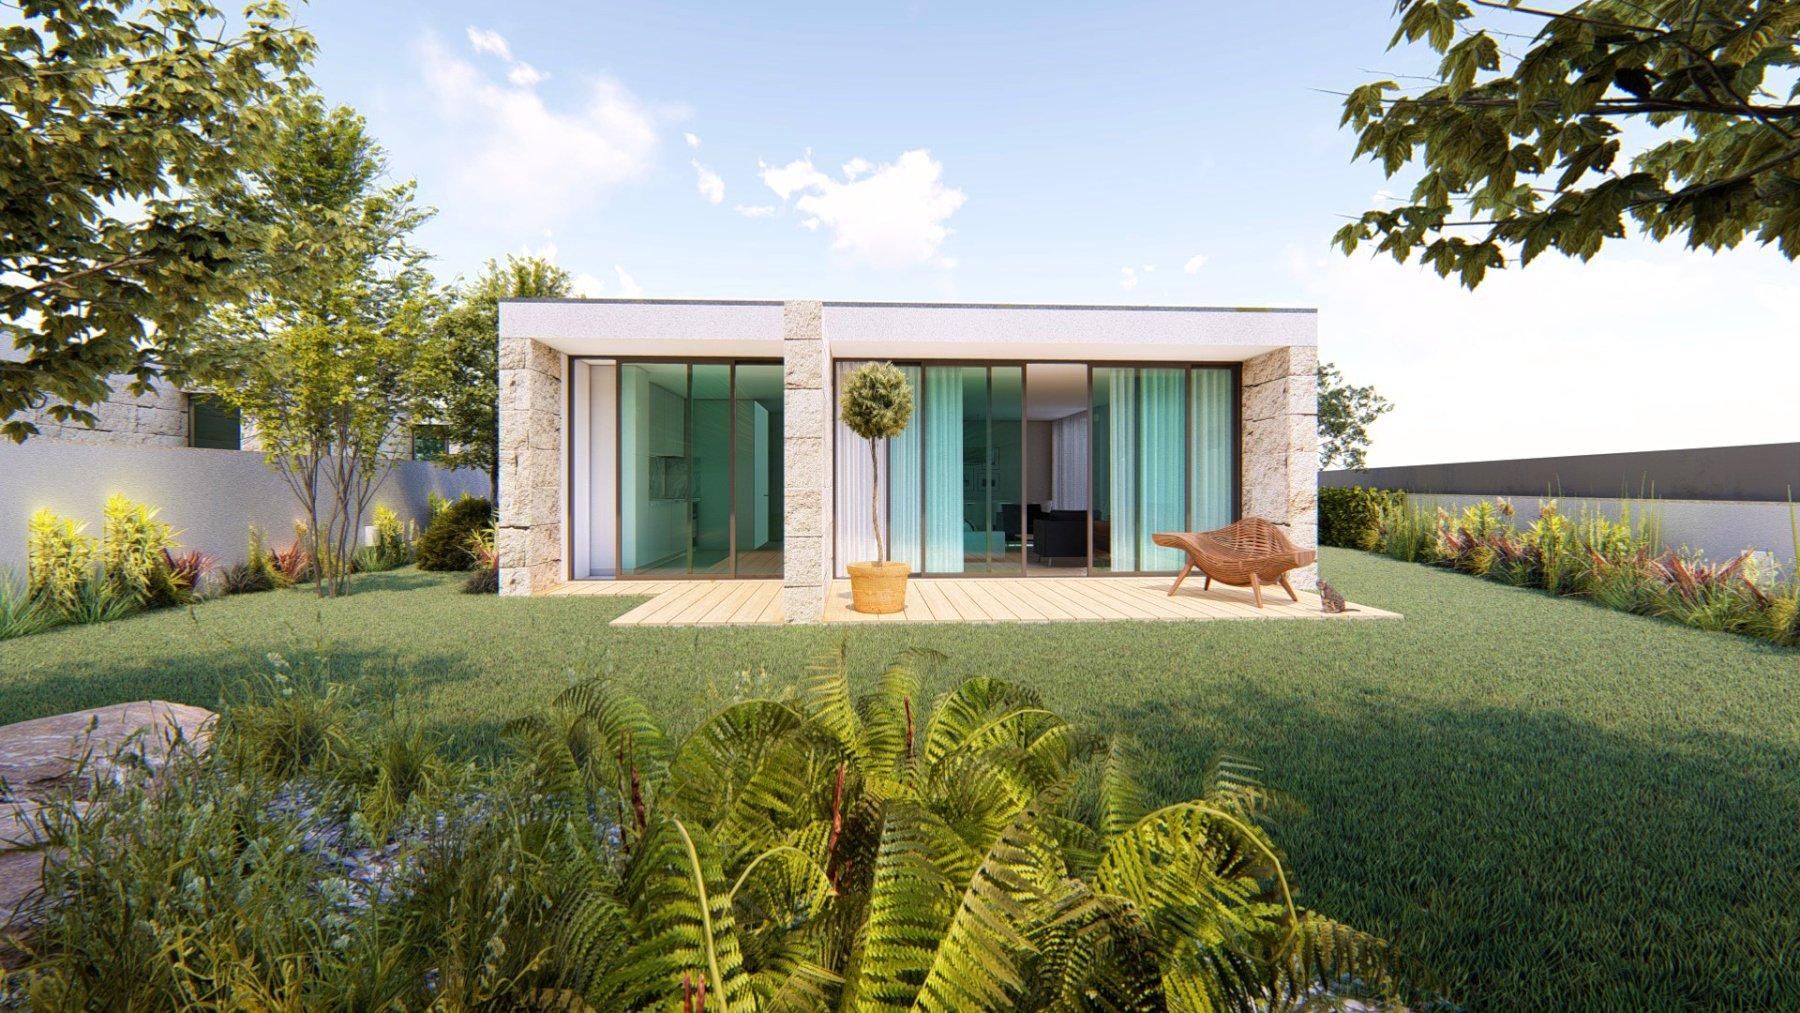 3 Bedroom Villa Vila Nova de Gaia, Porto Ref: AVP45